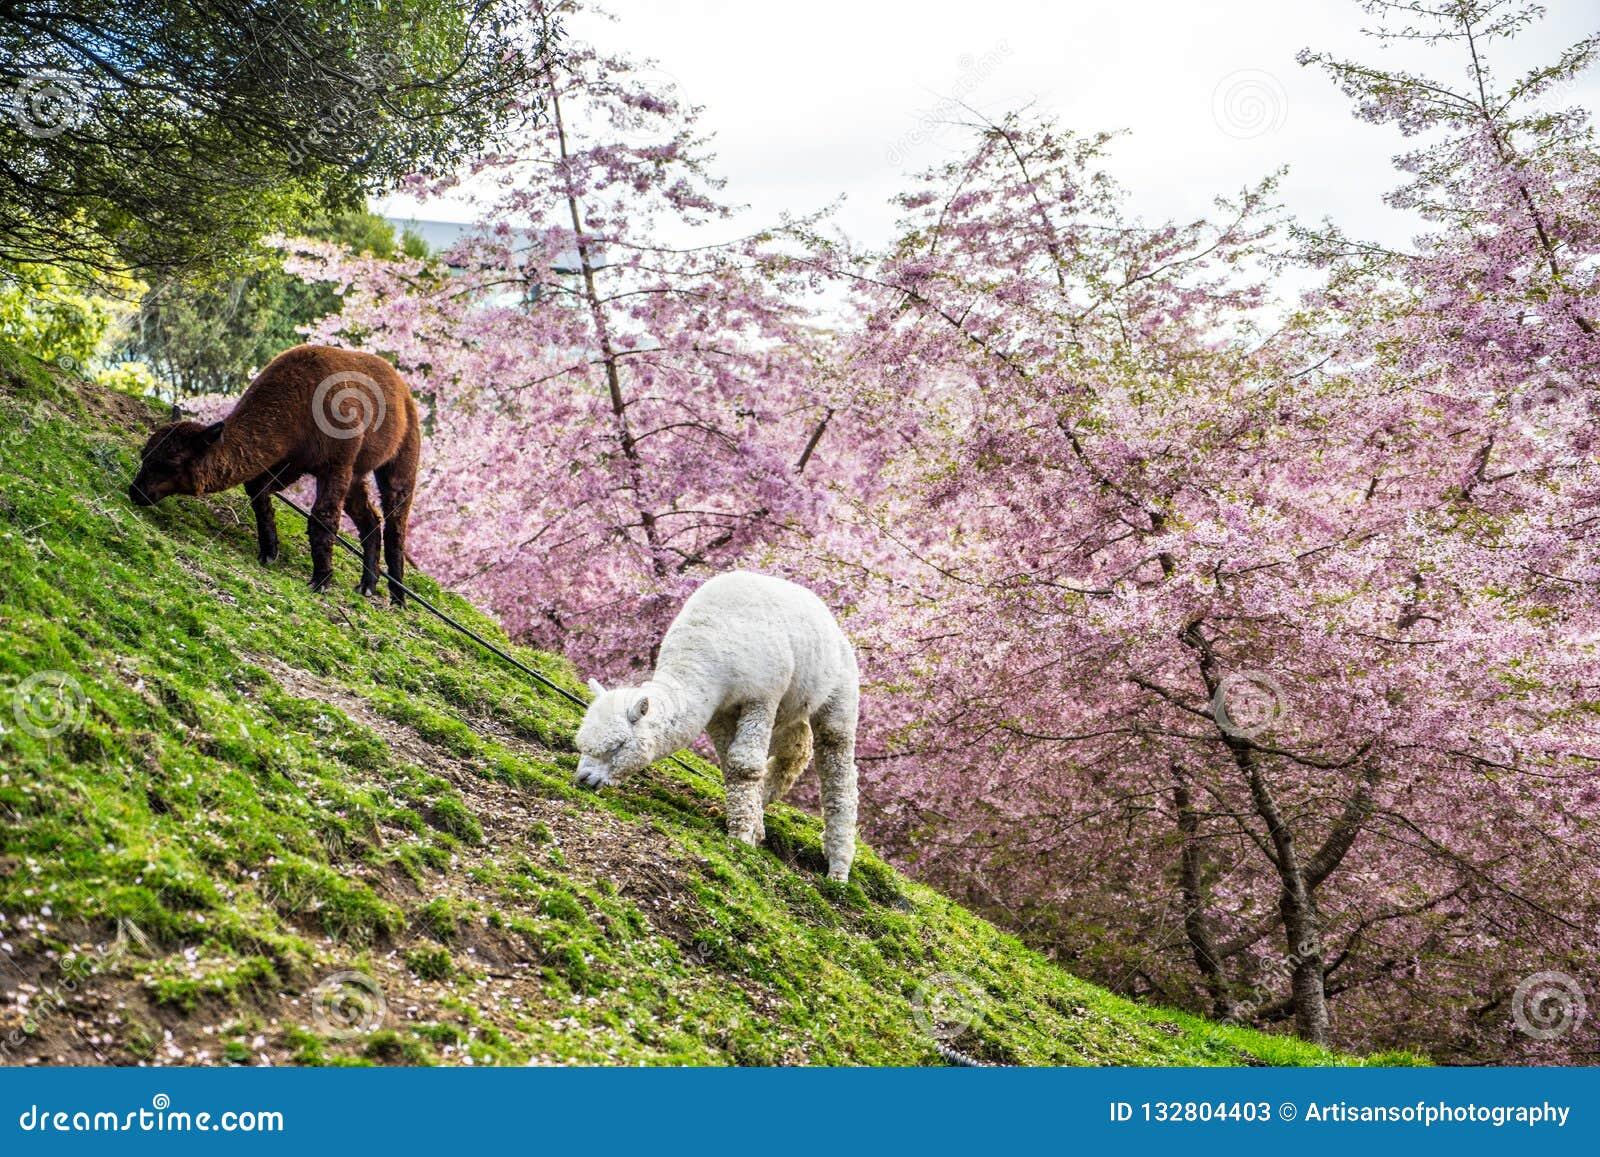 Alpacas grazing on green pasture